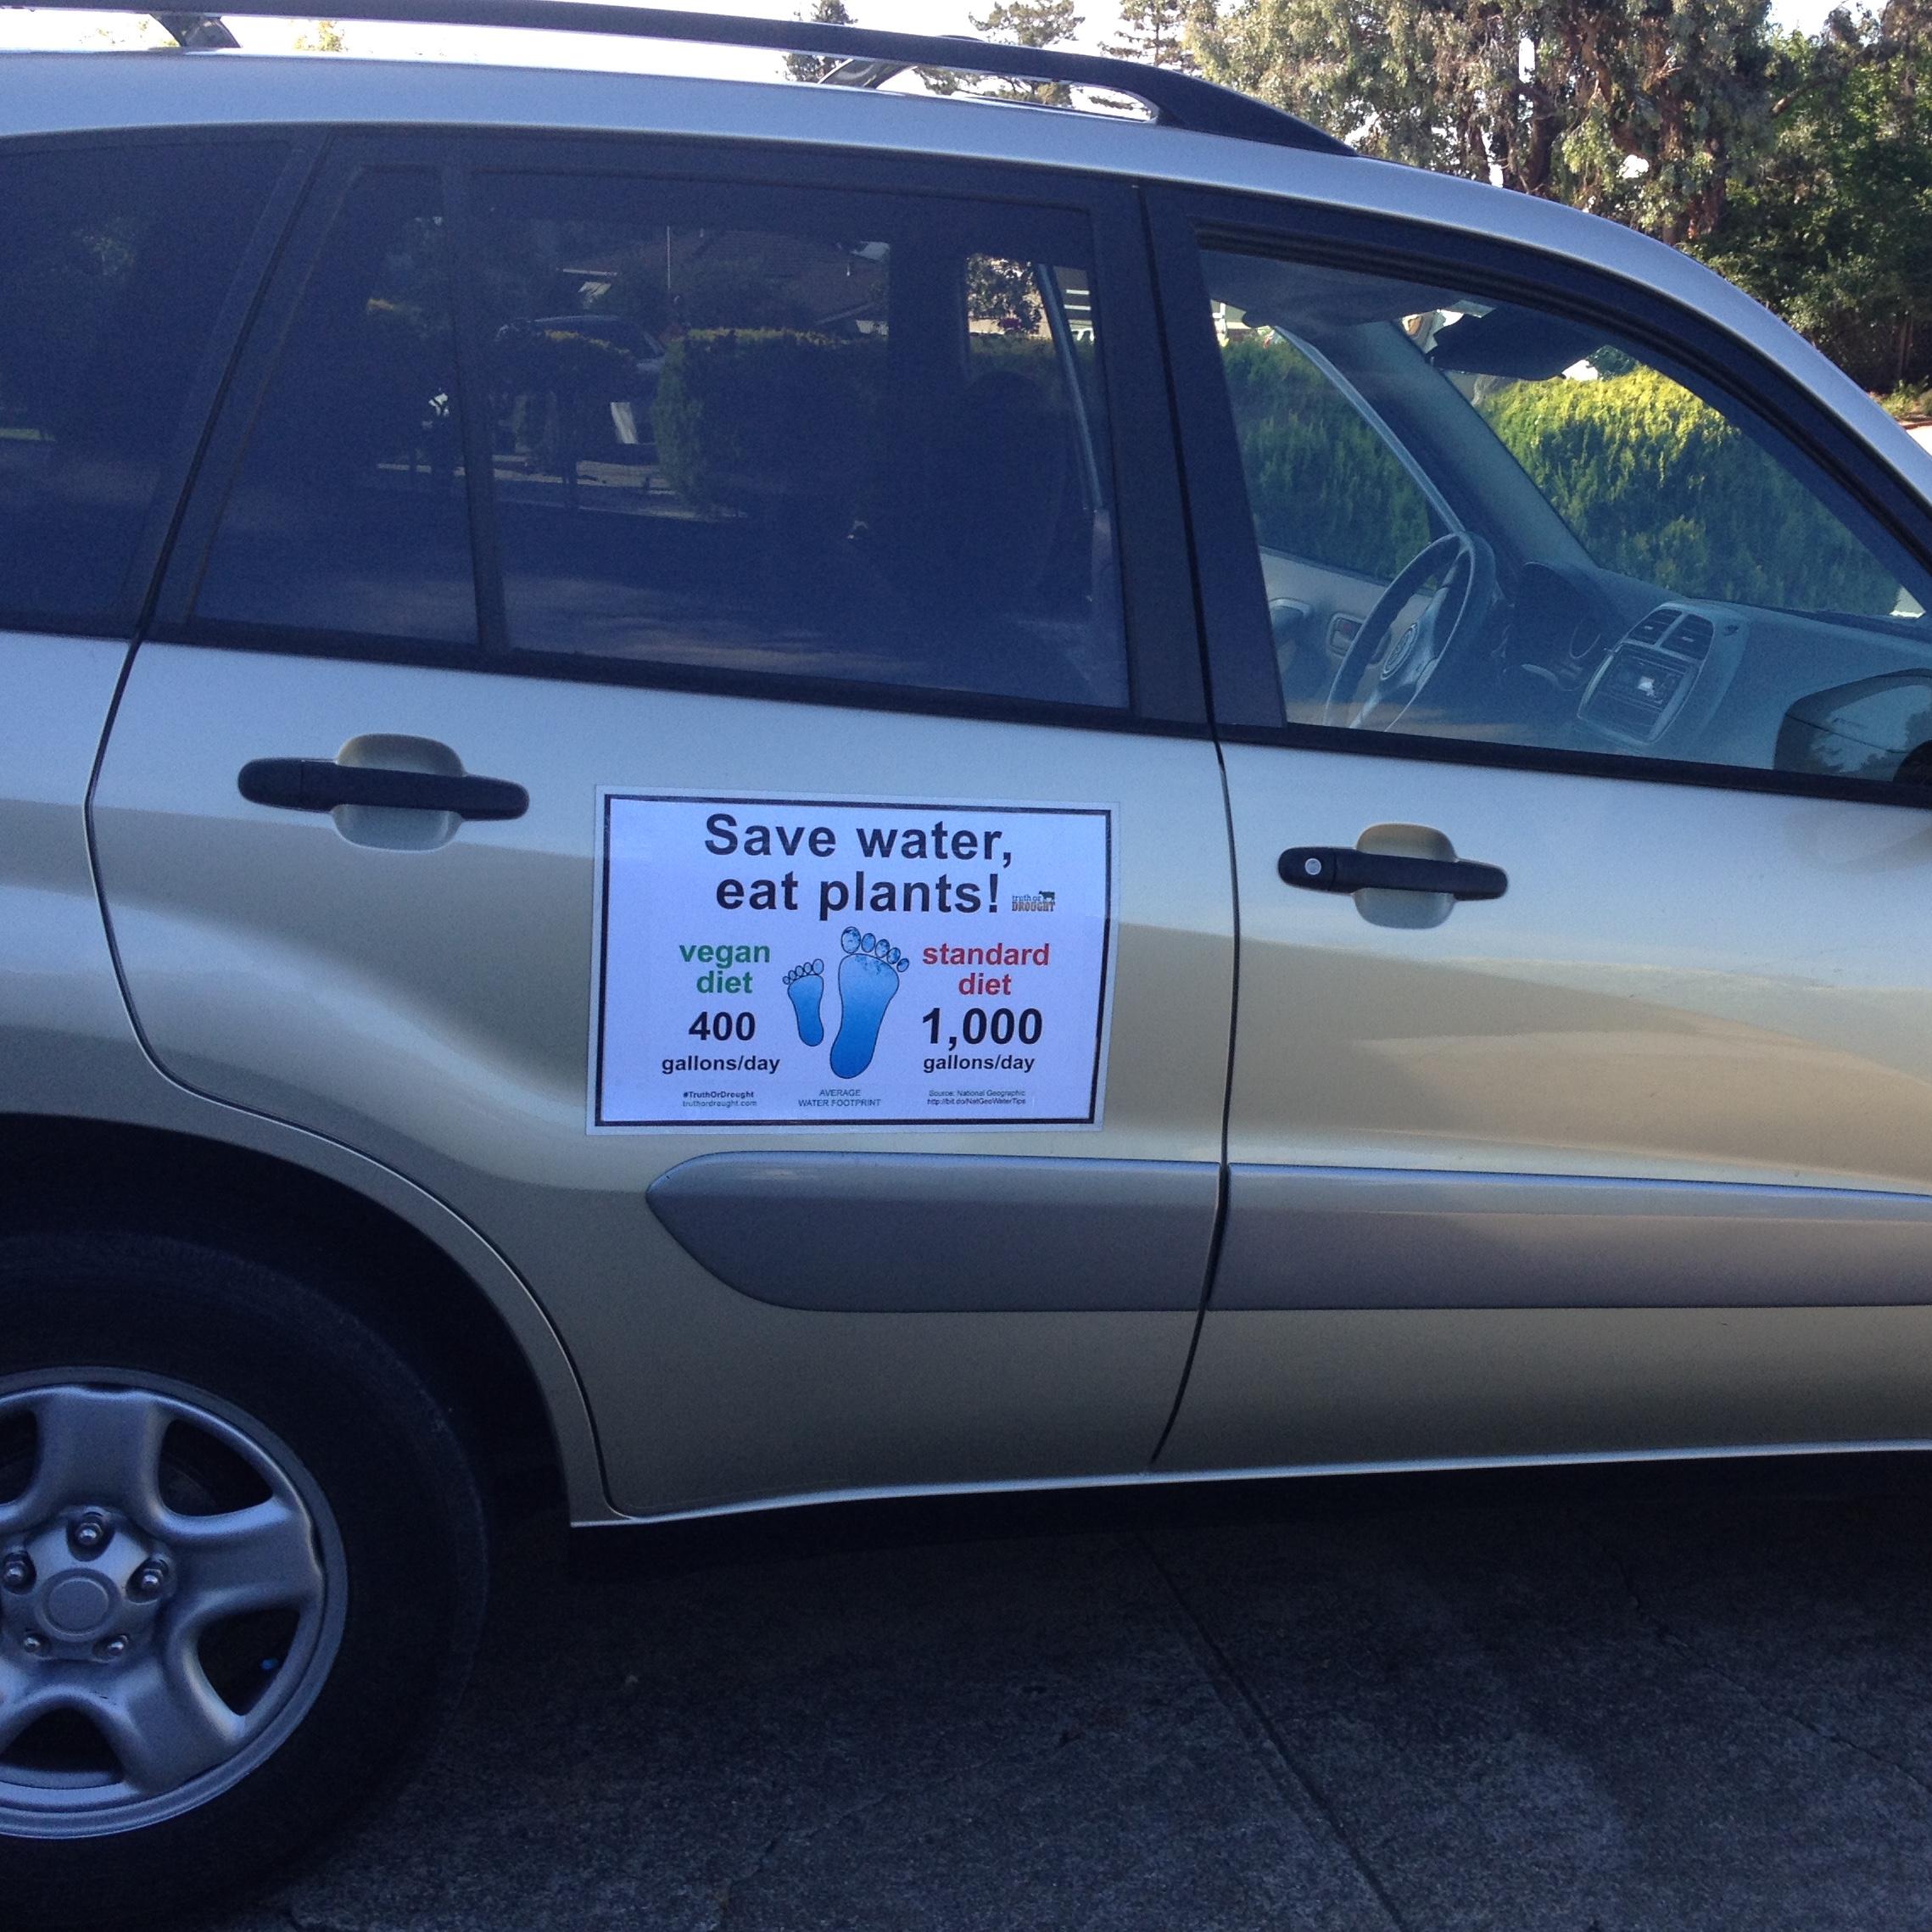 SaveWaterEatPlants-car-magnet.JPG